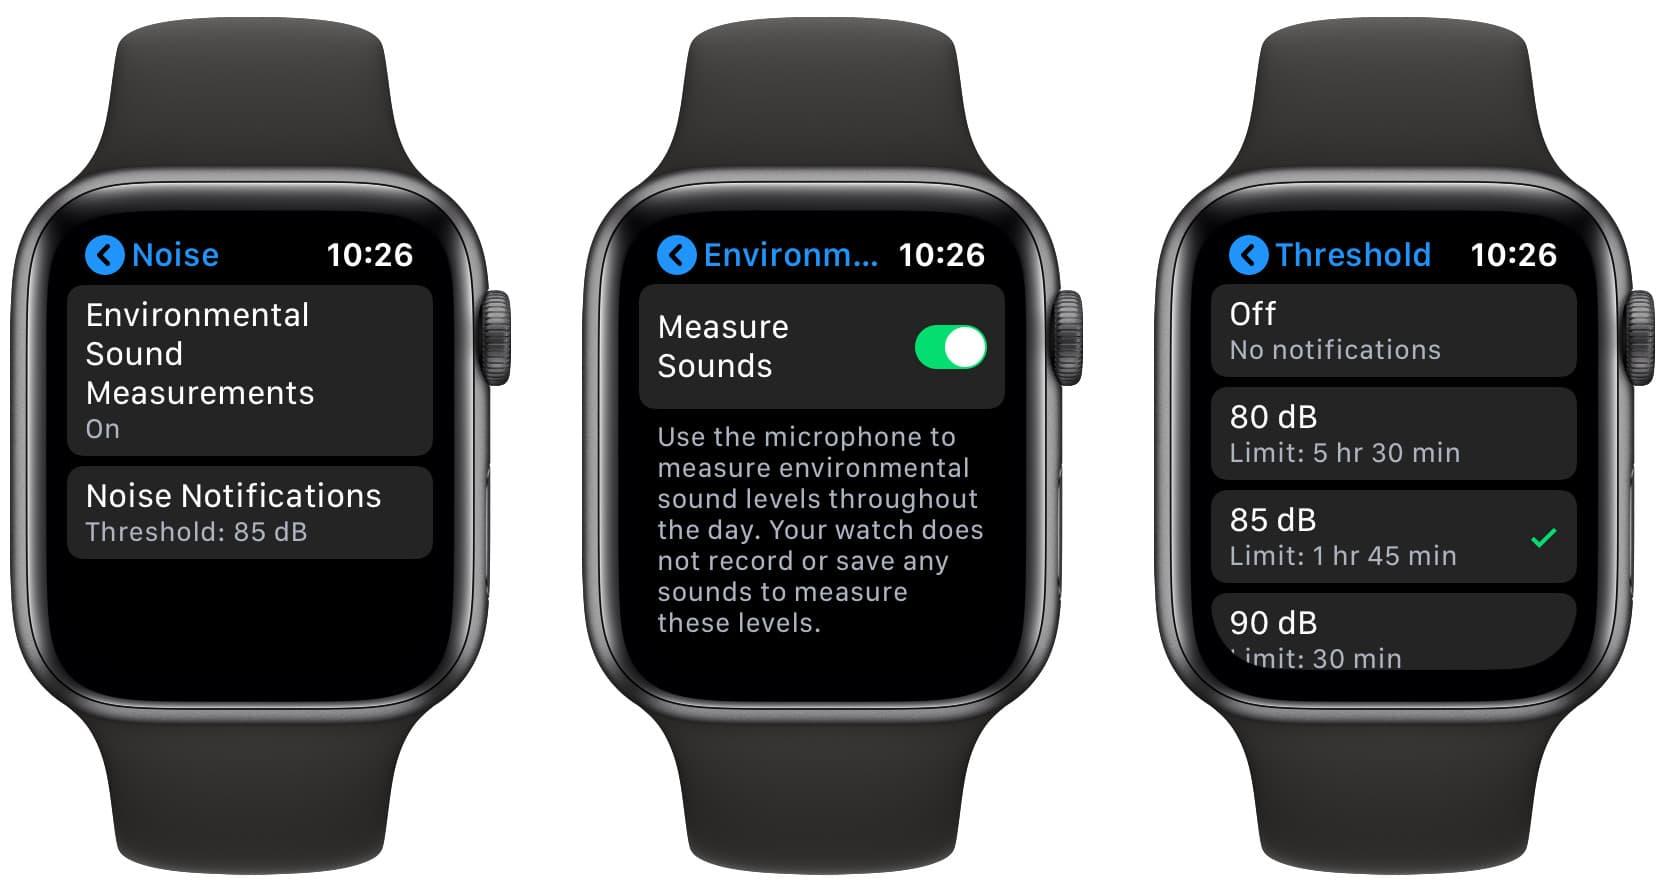 Apple Watch noise